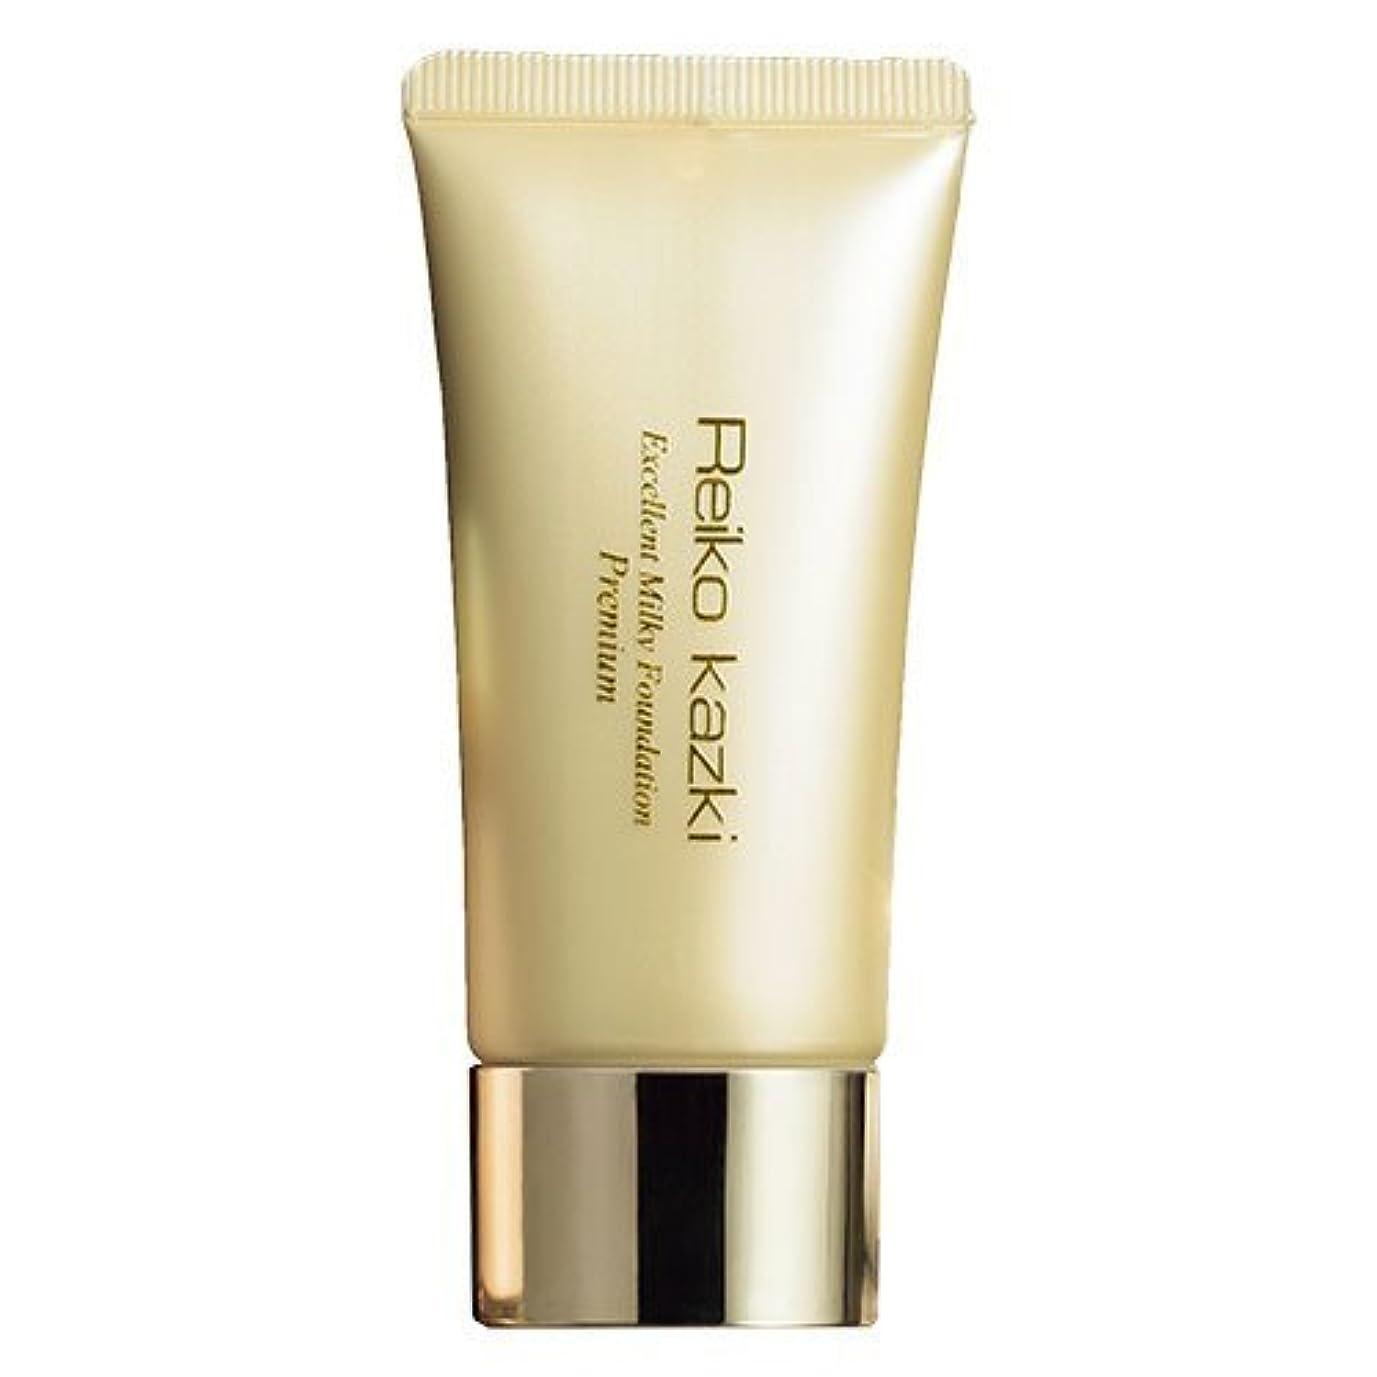 対利点トークかづきれいこ 薬用エクセレントミルキーファンデーション プレミアム (化粧下地) SPF31/PA+++で紫外線をカット。美白有効成分を配合した化粧下地。